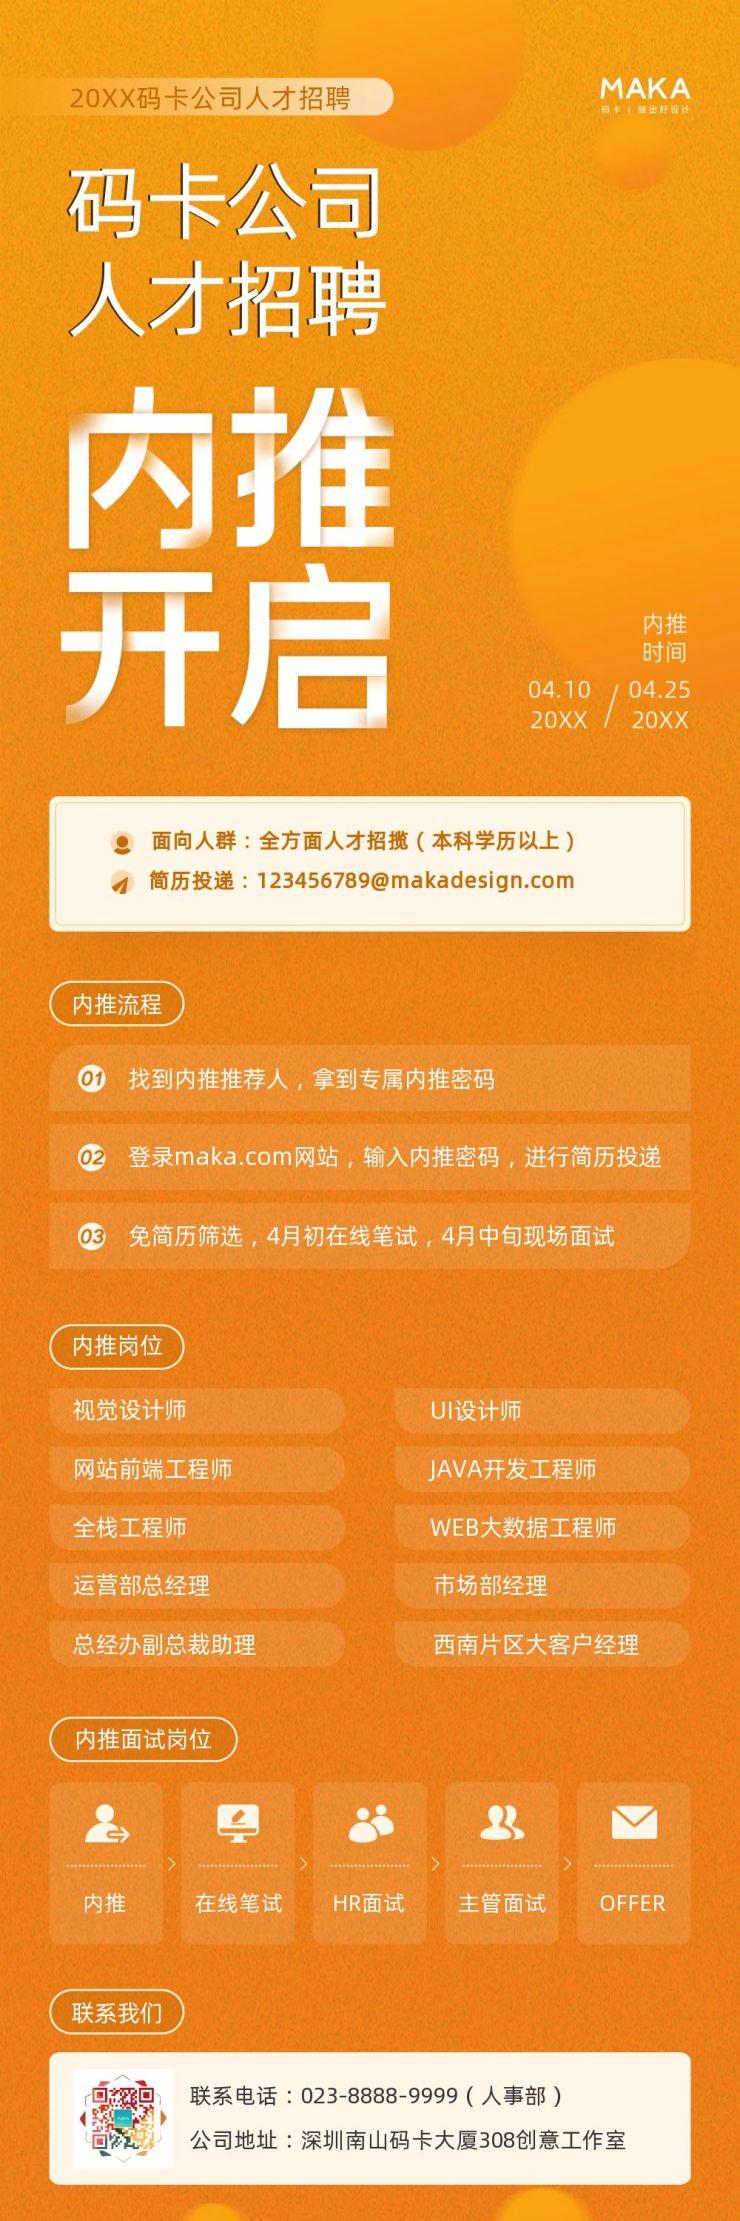 橙色简约商务风格企业内推宣传长图